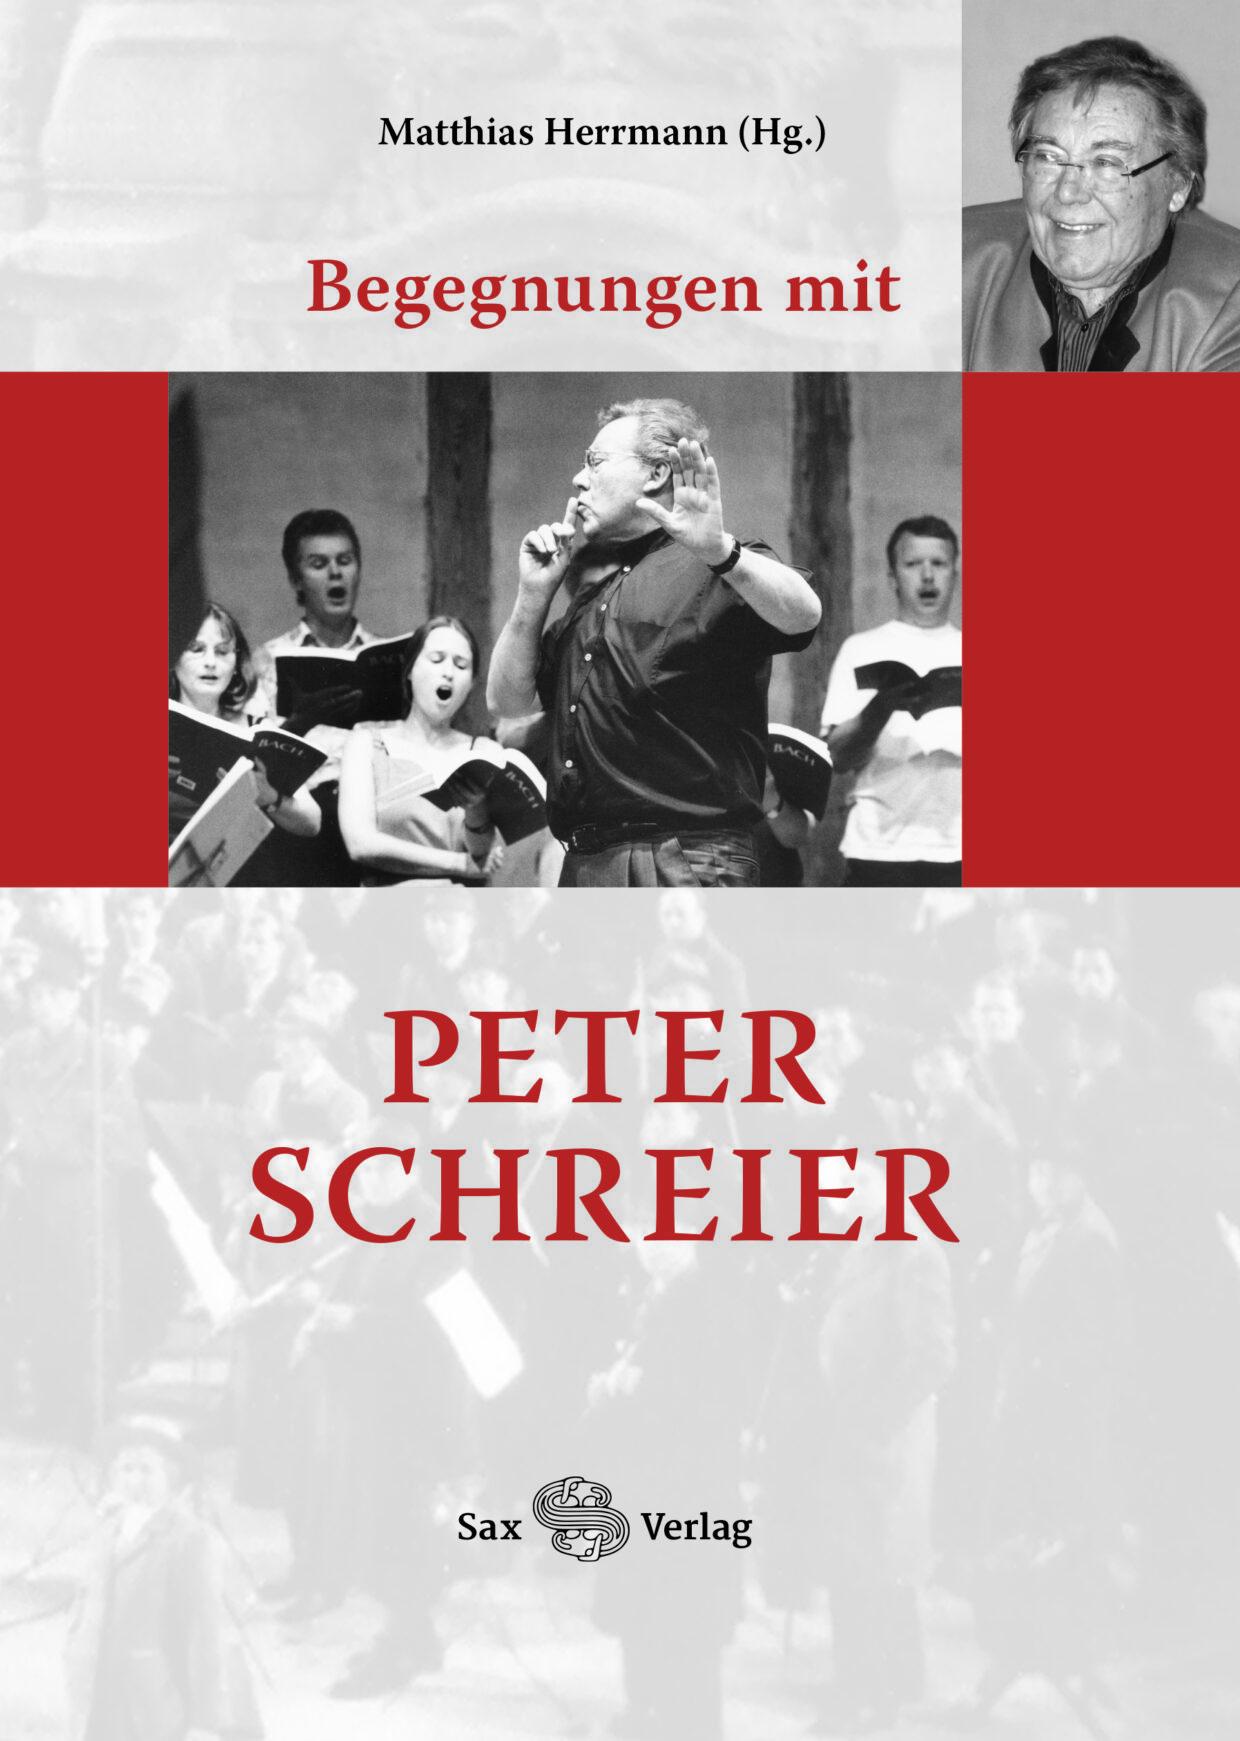 Begegnungen mit Peter Schreier